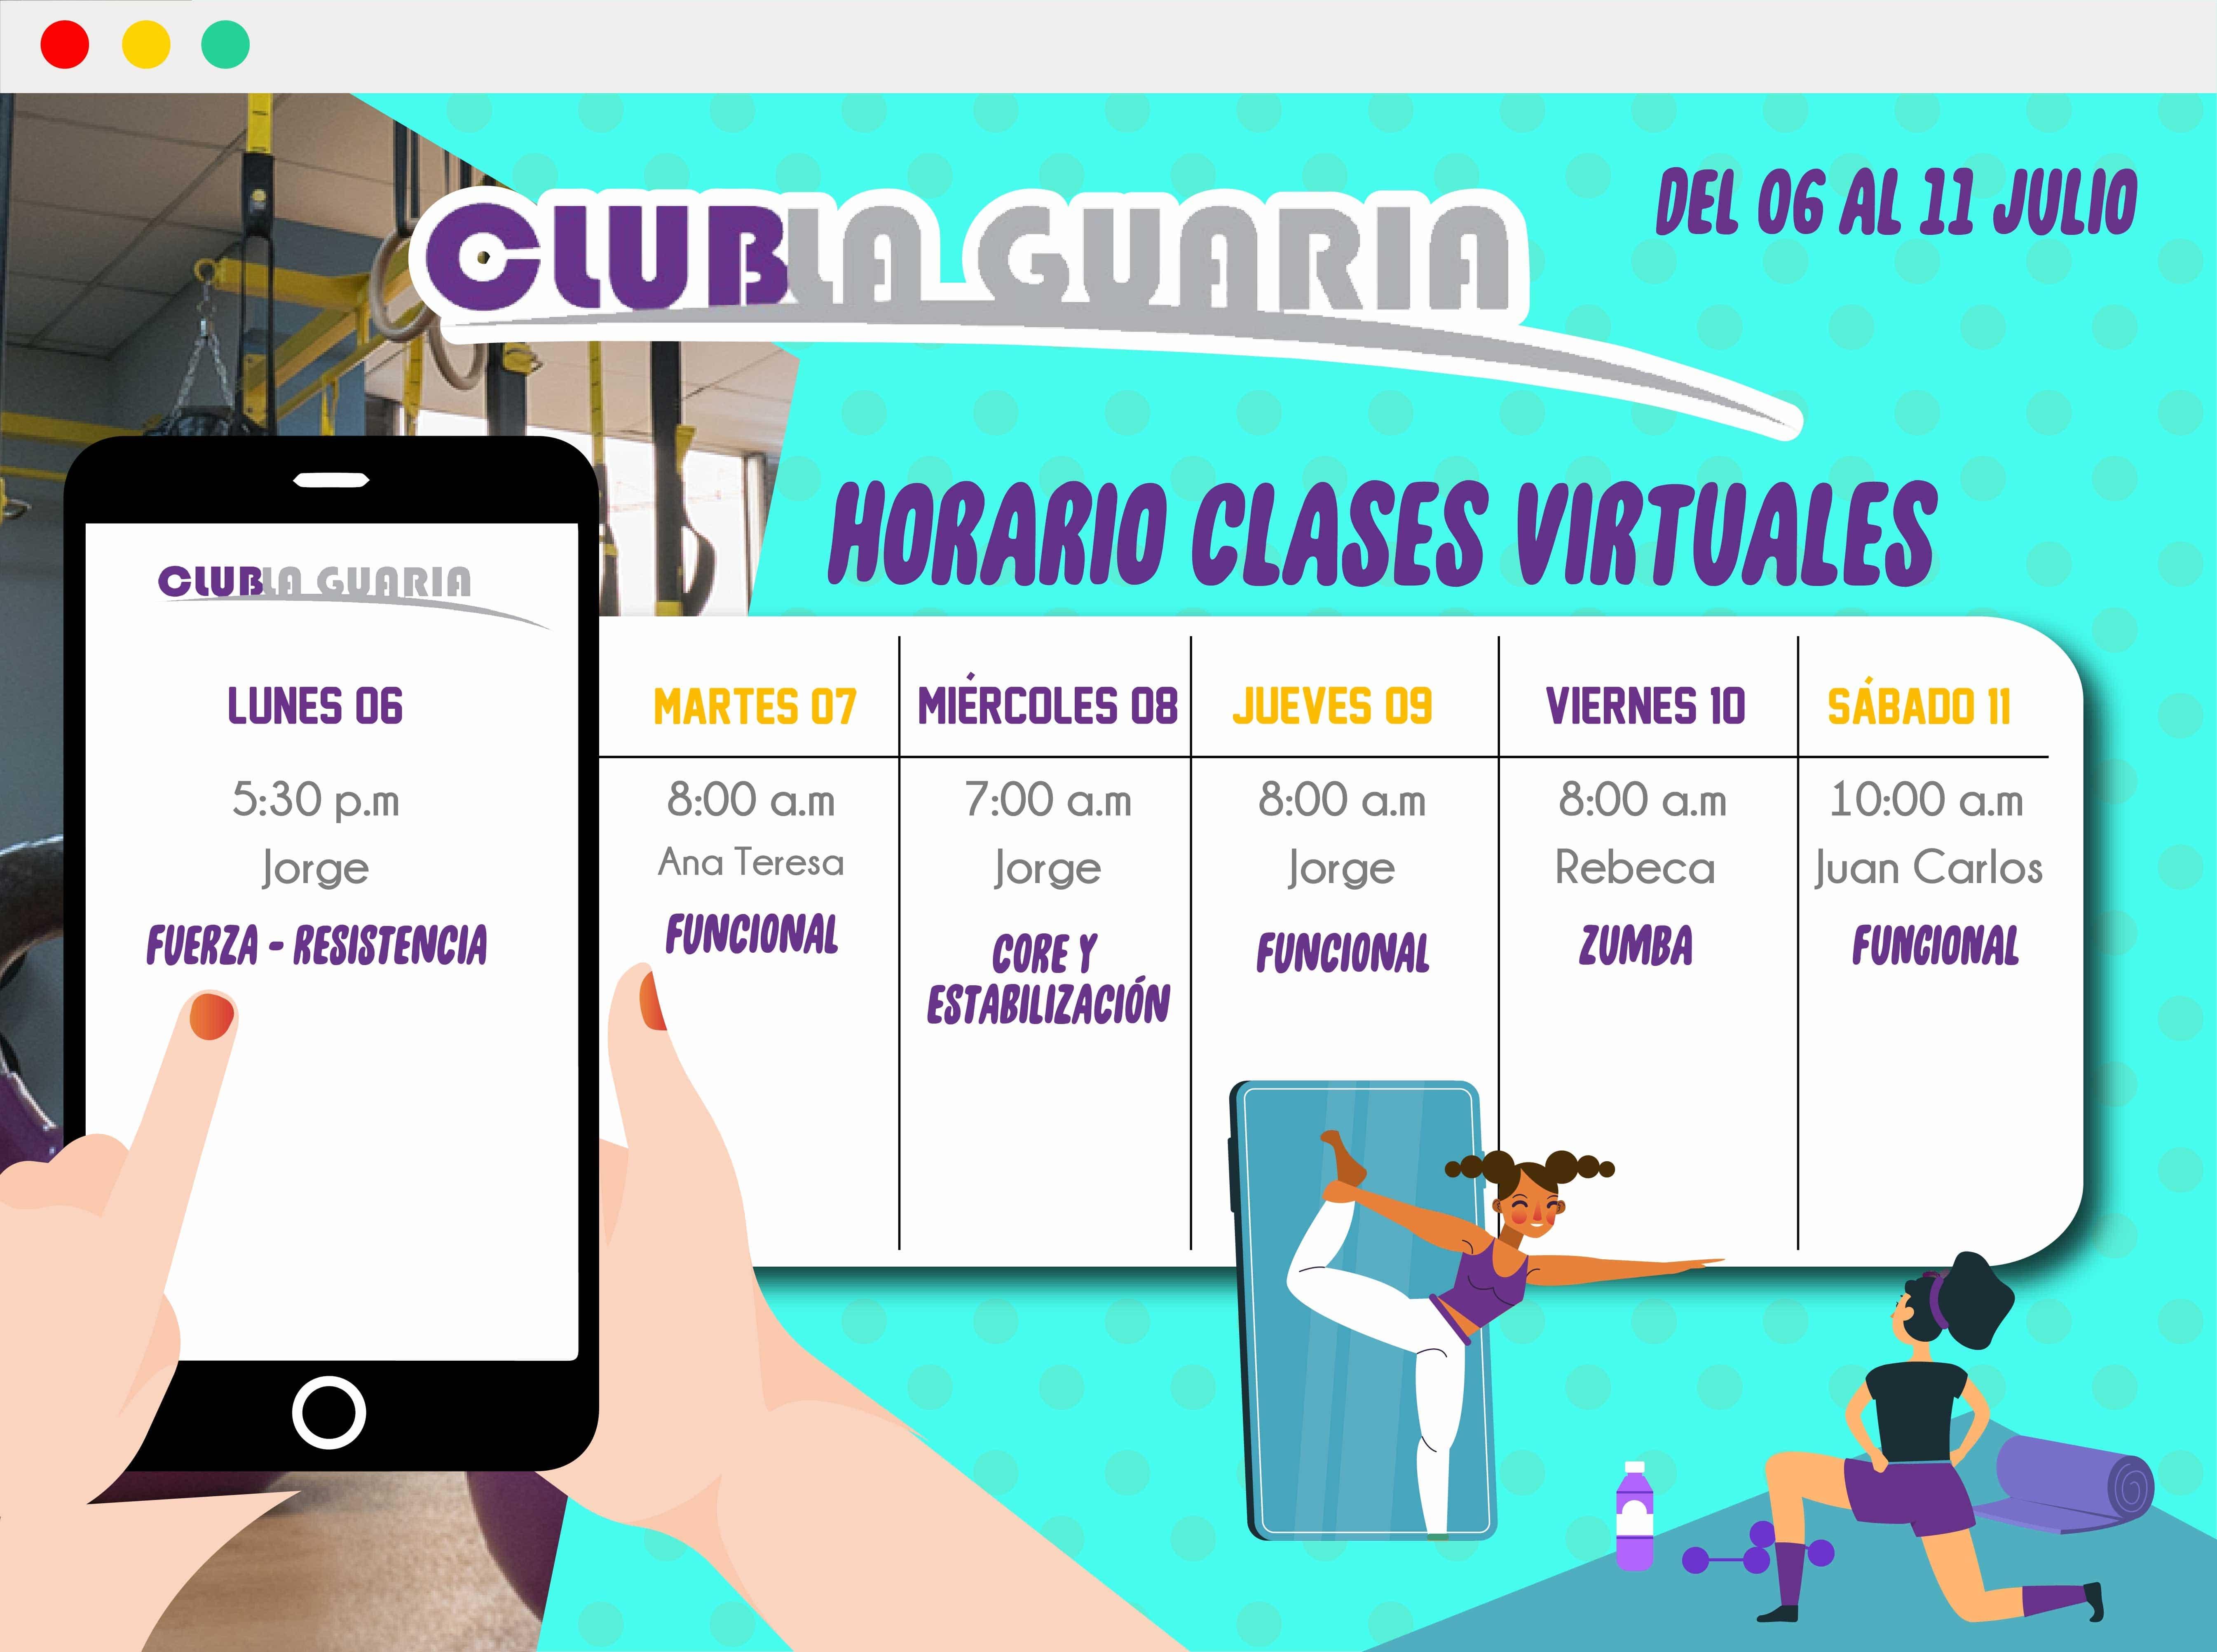 Clases Virtuales del 06 al 11 de julio 2020